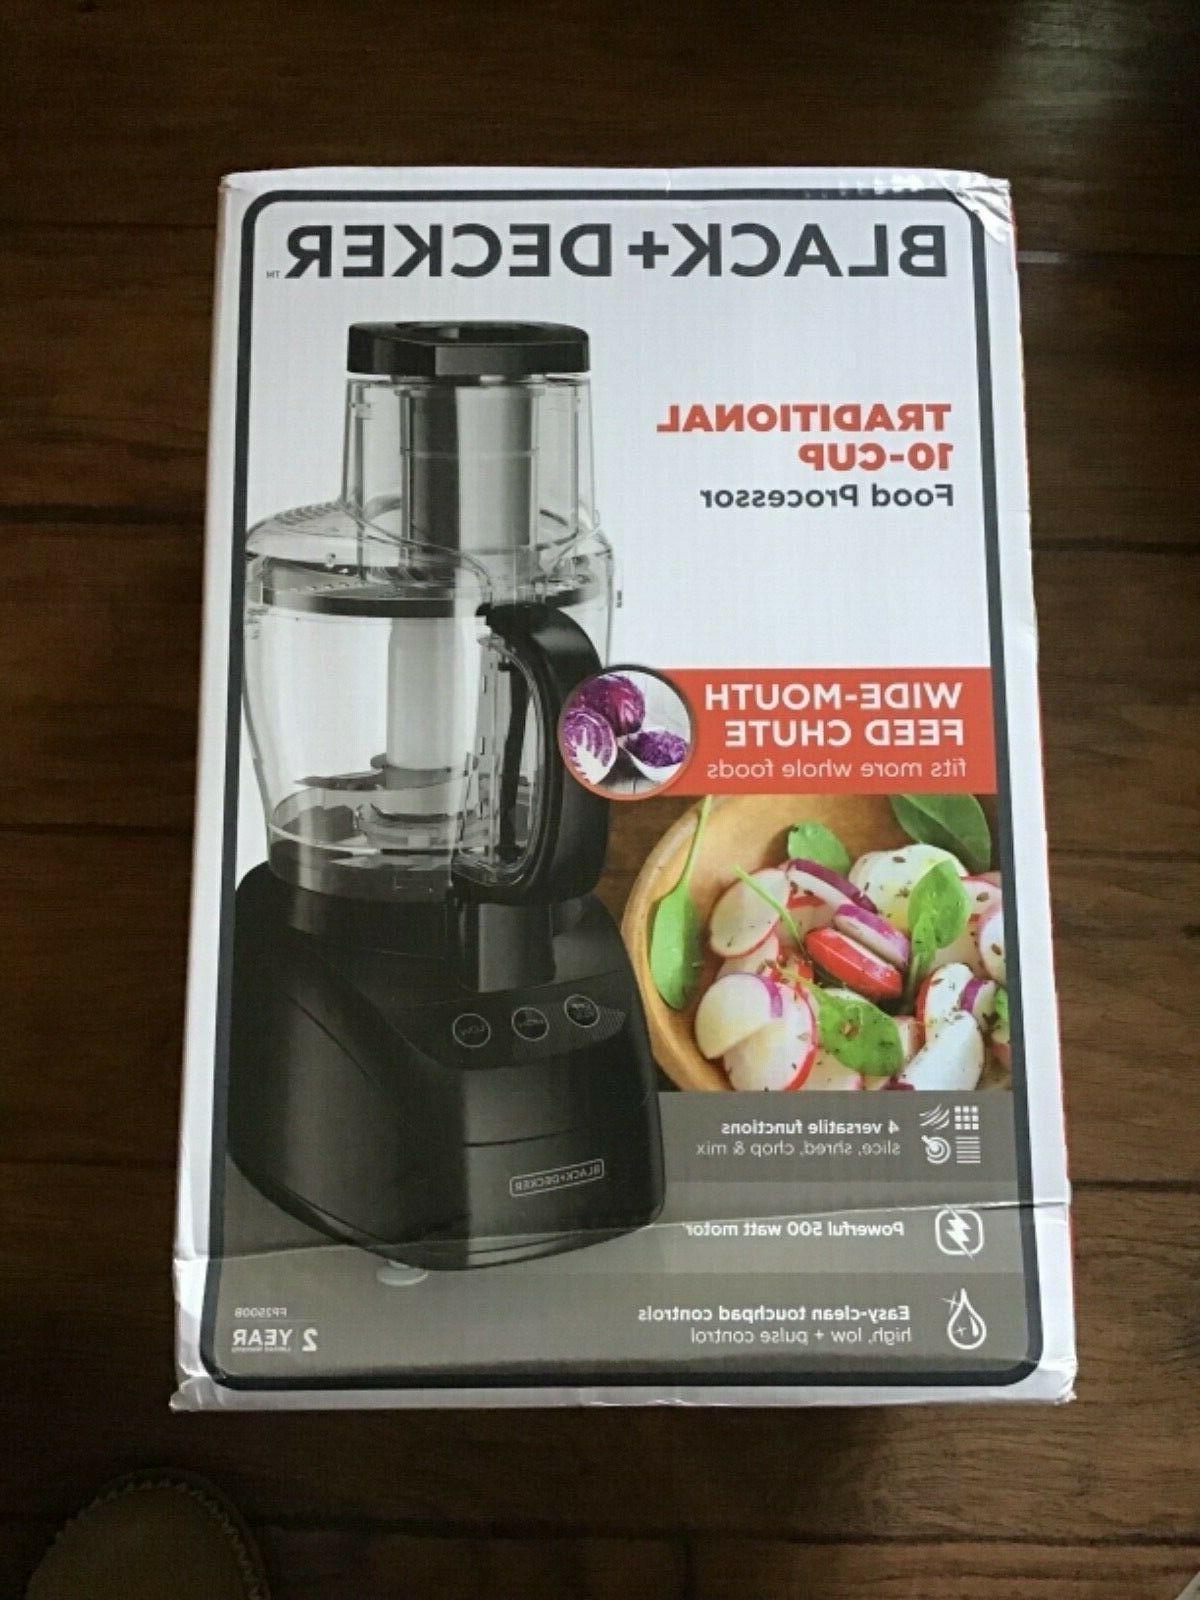 Black & Decker 500-Watt Wide-Mouth Food Processor Model FP25